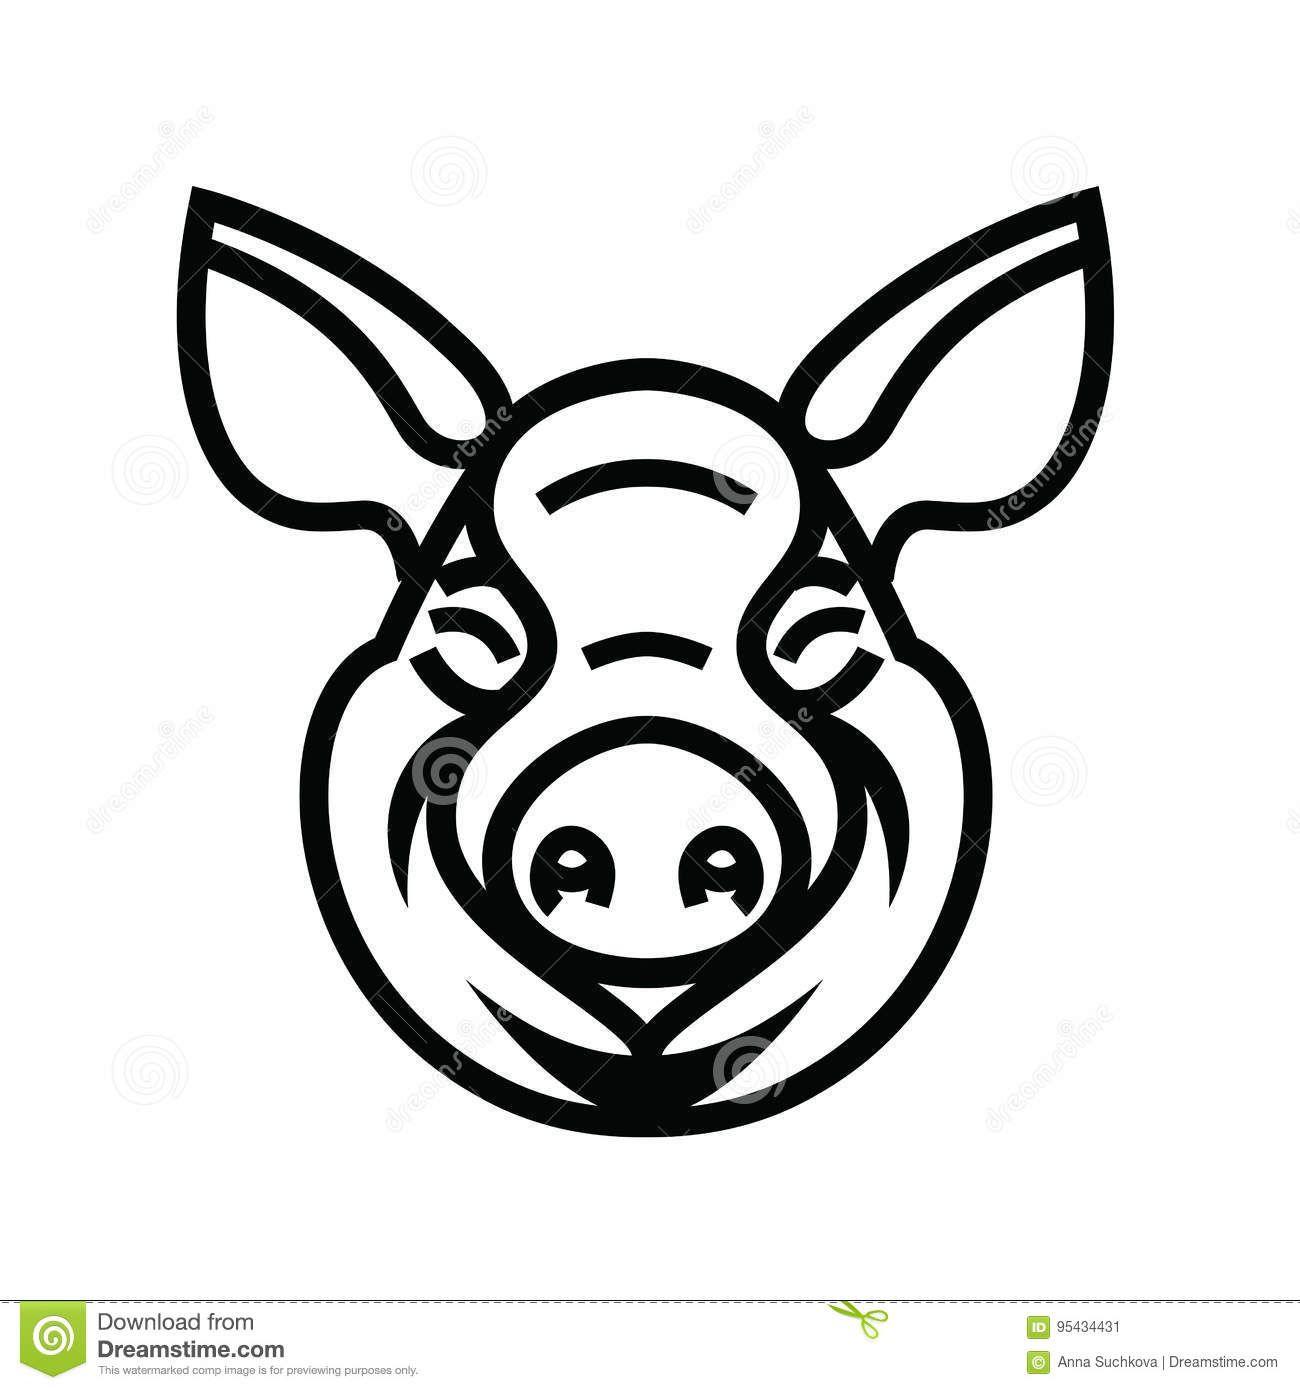 Resultado de imagen para cabeza cerdo logo | IDEA | Pinterest | Cerdo